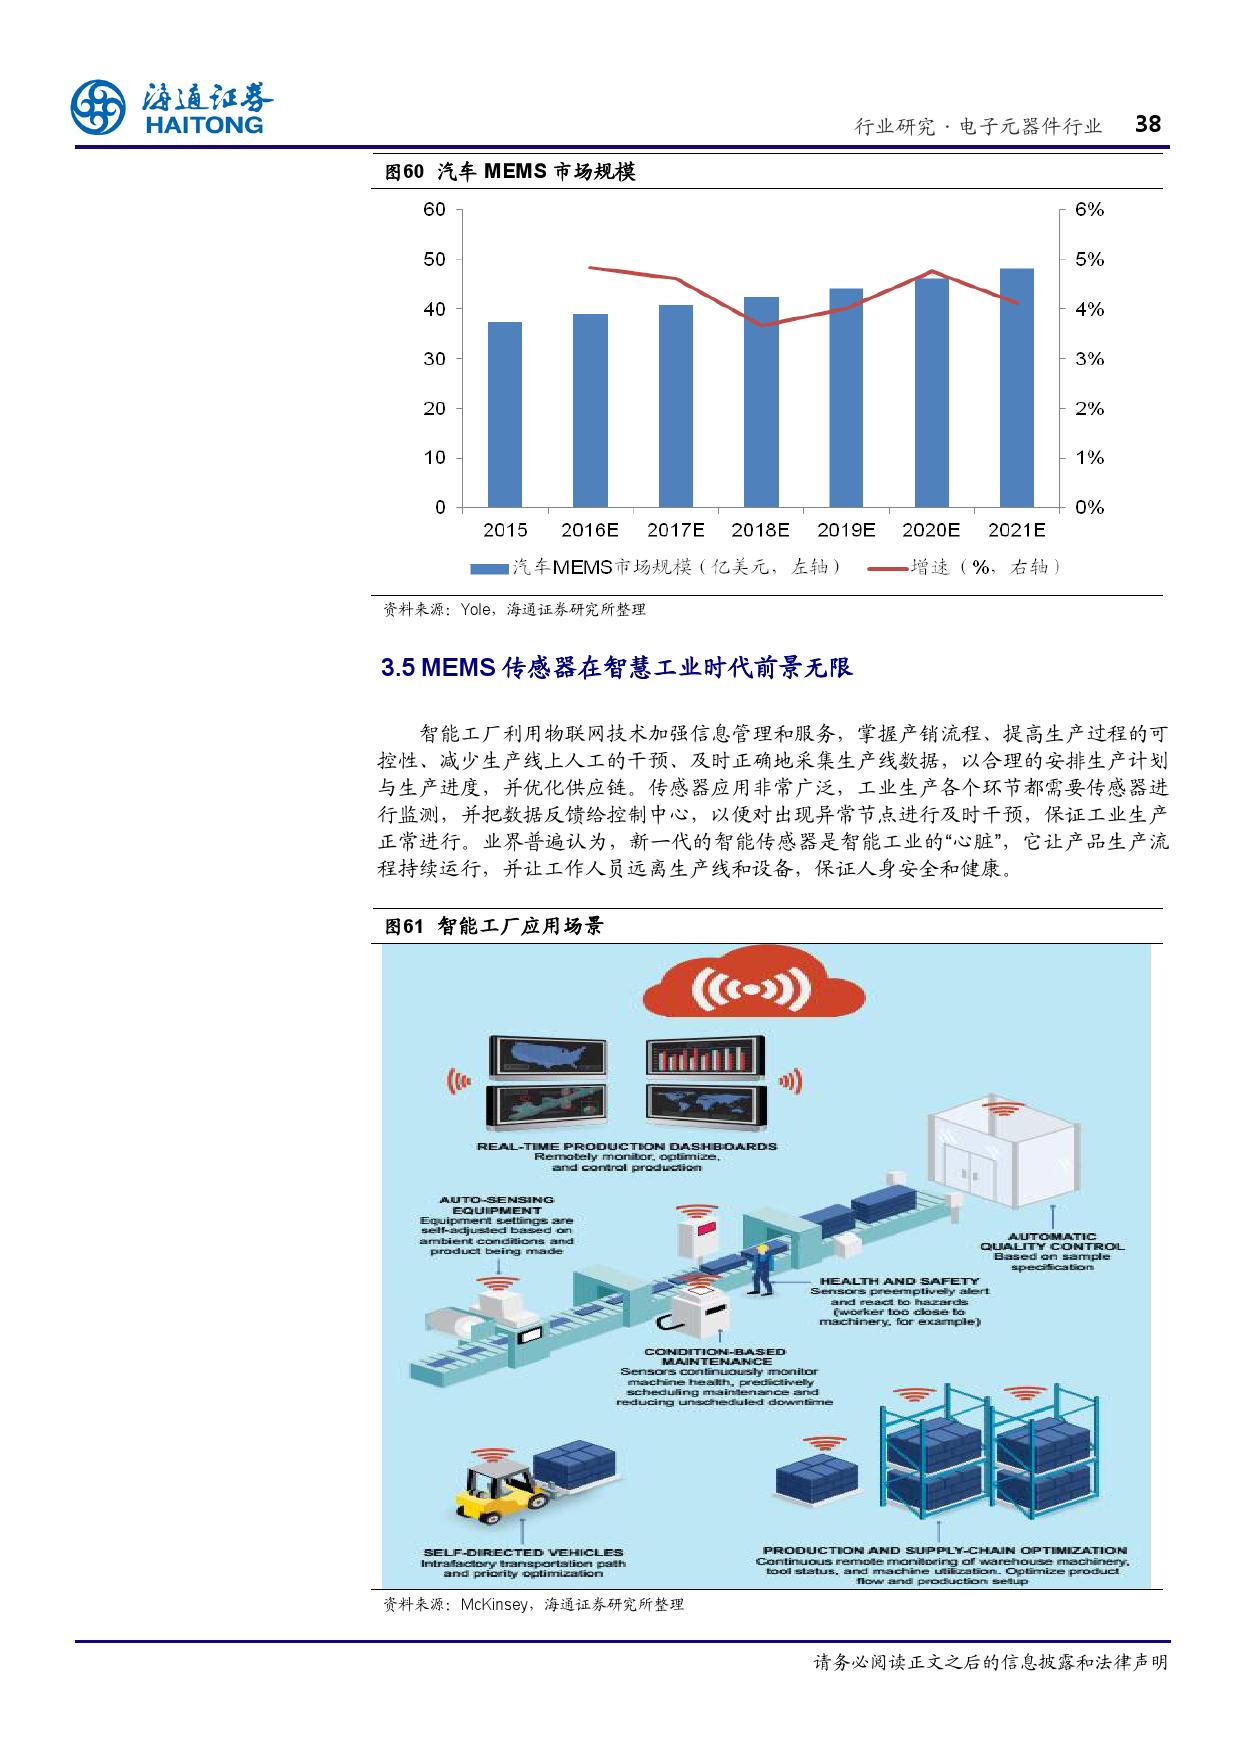 报告全解传感器全球产业链_000038